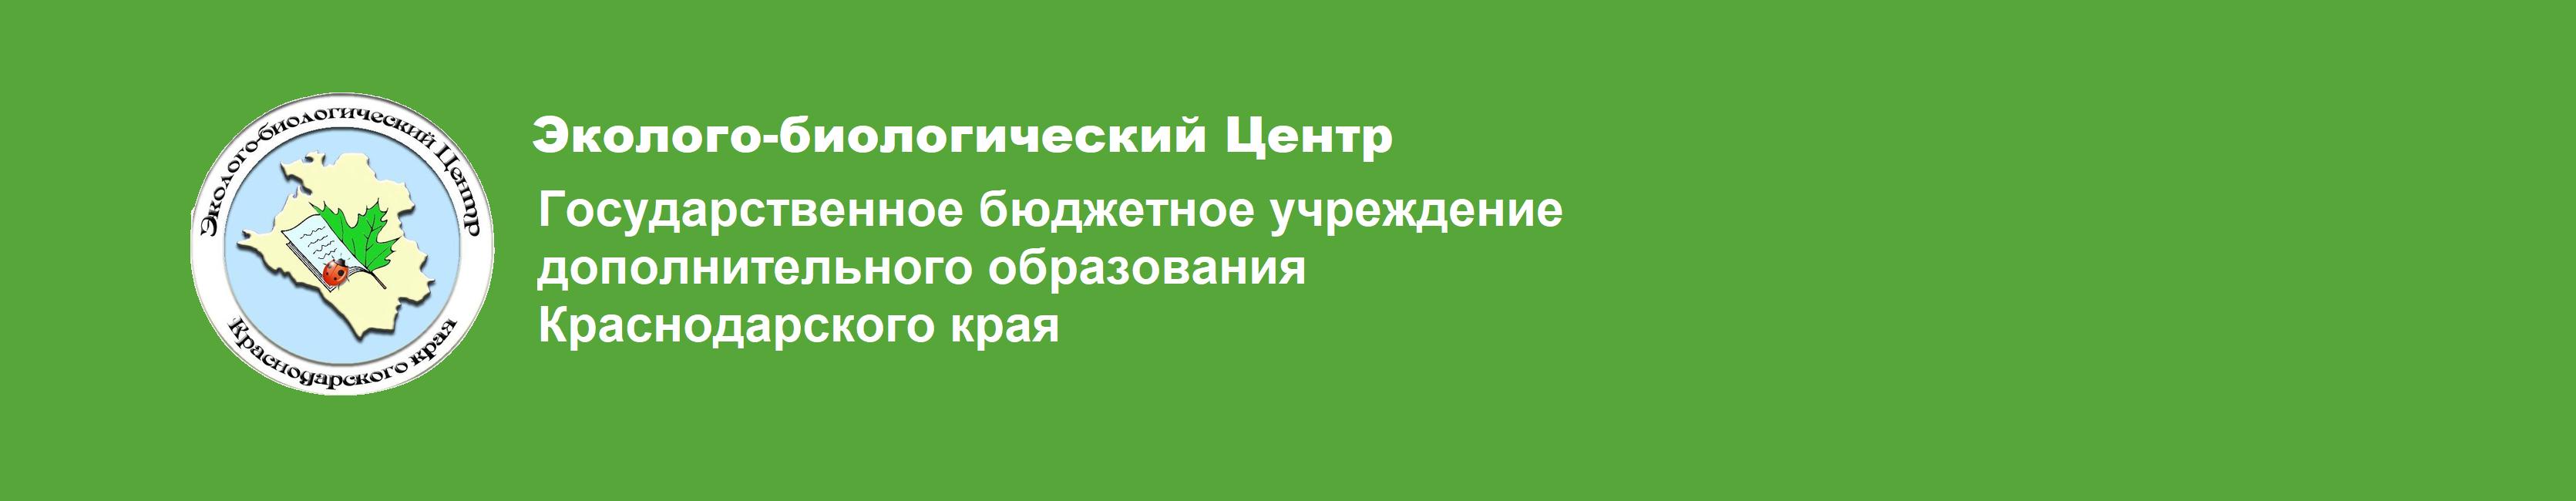 Государственное бюджетное учреждение дополнительного образования Краснодарского края «Эколого-биологический Центр»